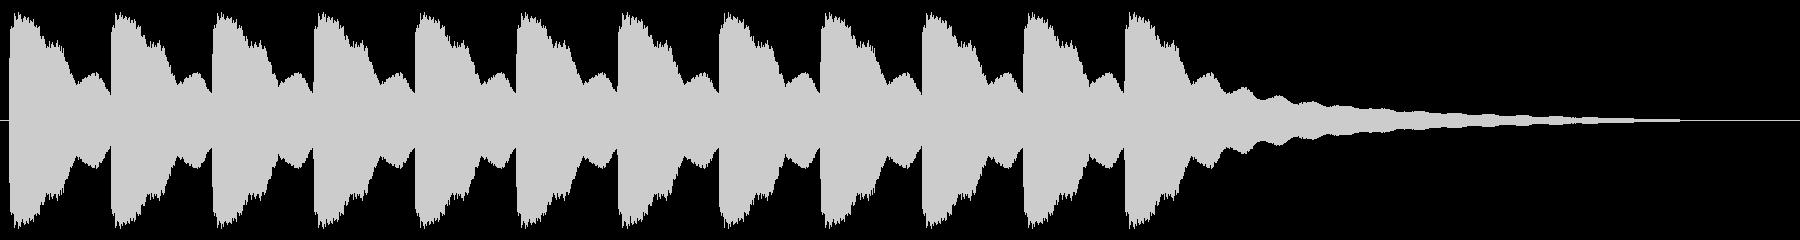 教会の鐘5、中、F#3;シングルミ...の未再生の波形